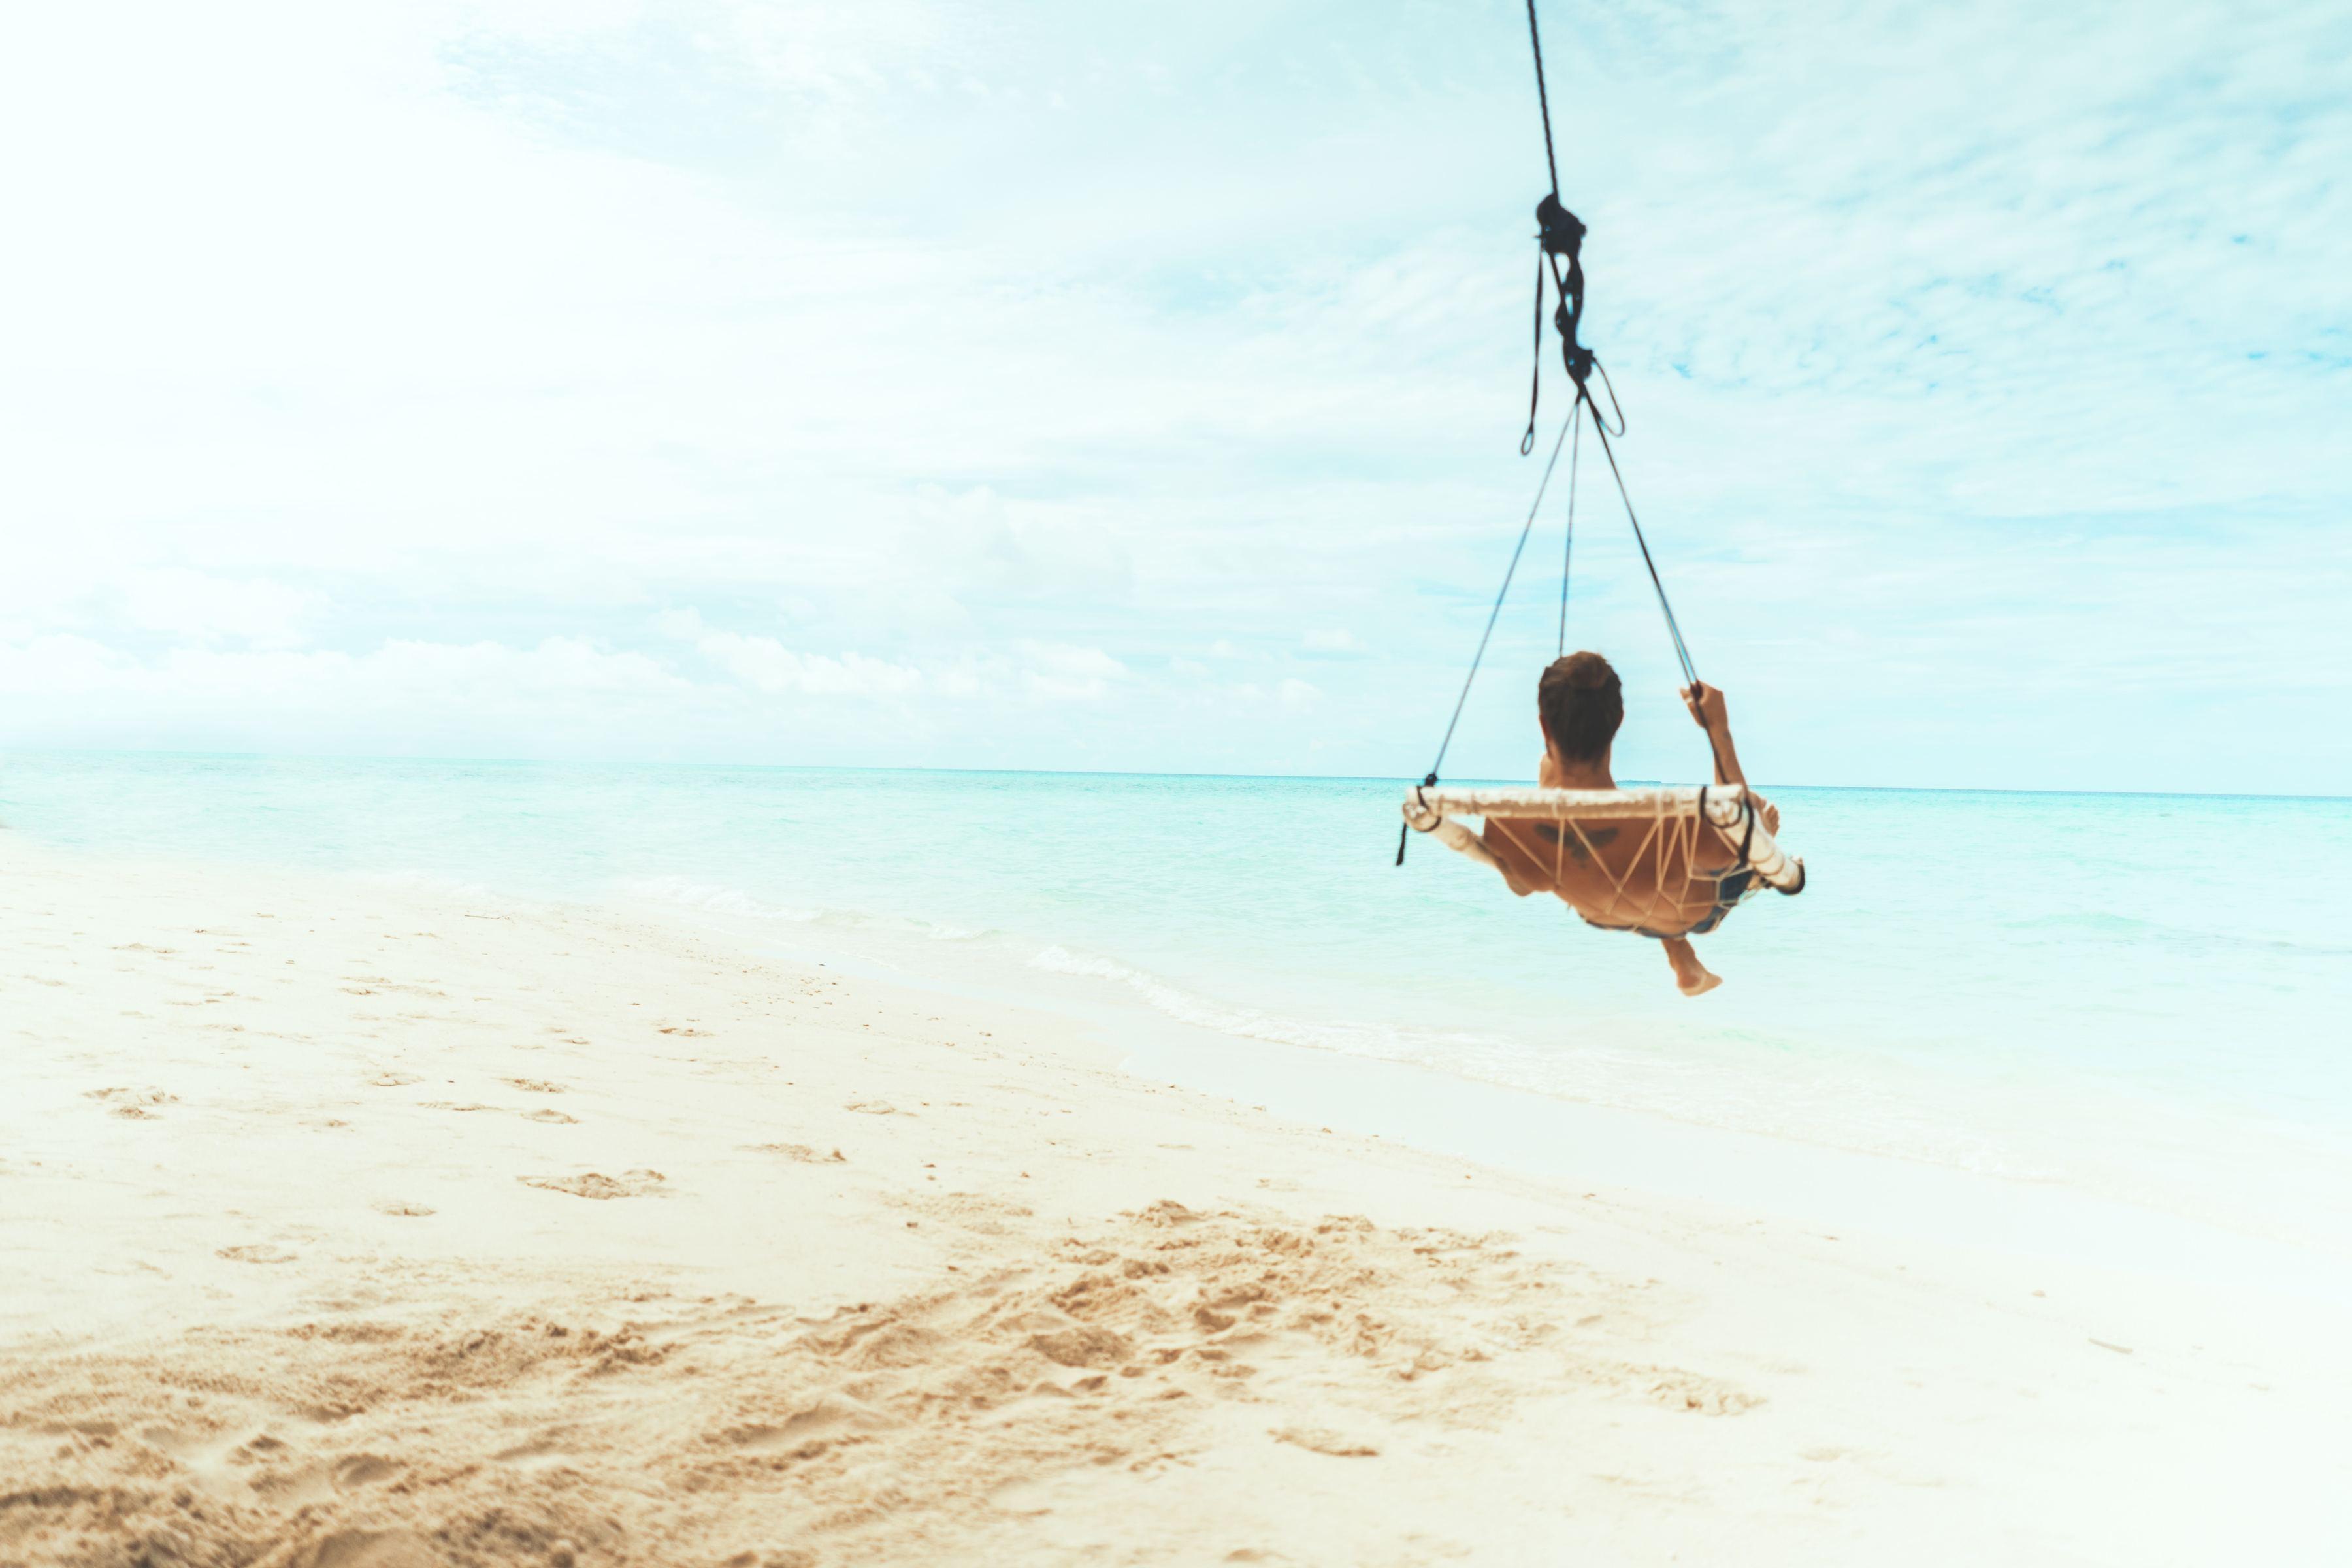 休日を楽しむためのおでかけプランを提案するサービスHolidayのRailsを用いたサーバサイド開発